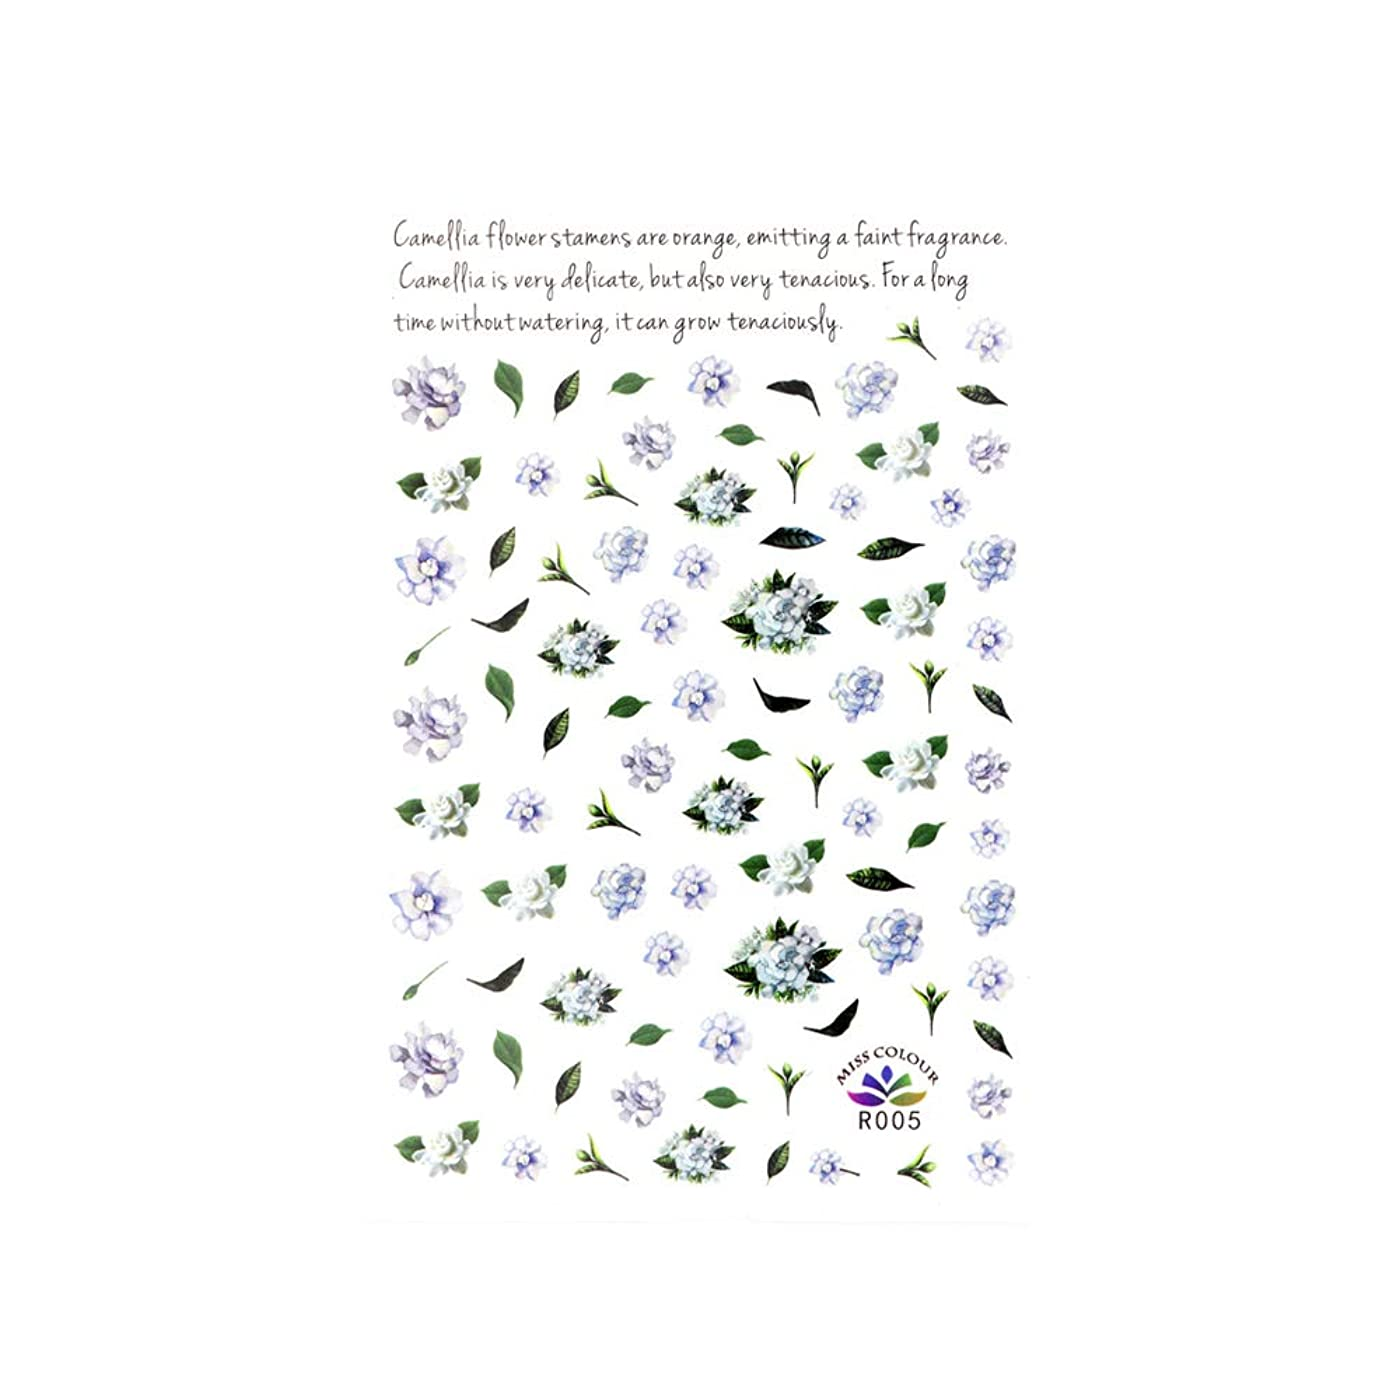 所得花婿住人ネイルシール ブルーローズシールフラワーネイル 花柄ネイル 春ネイル 押し花ネイル ローズネイル